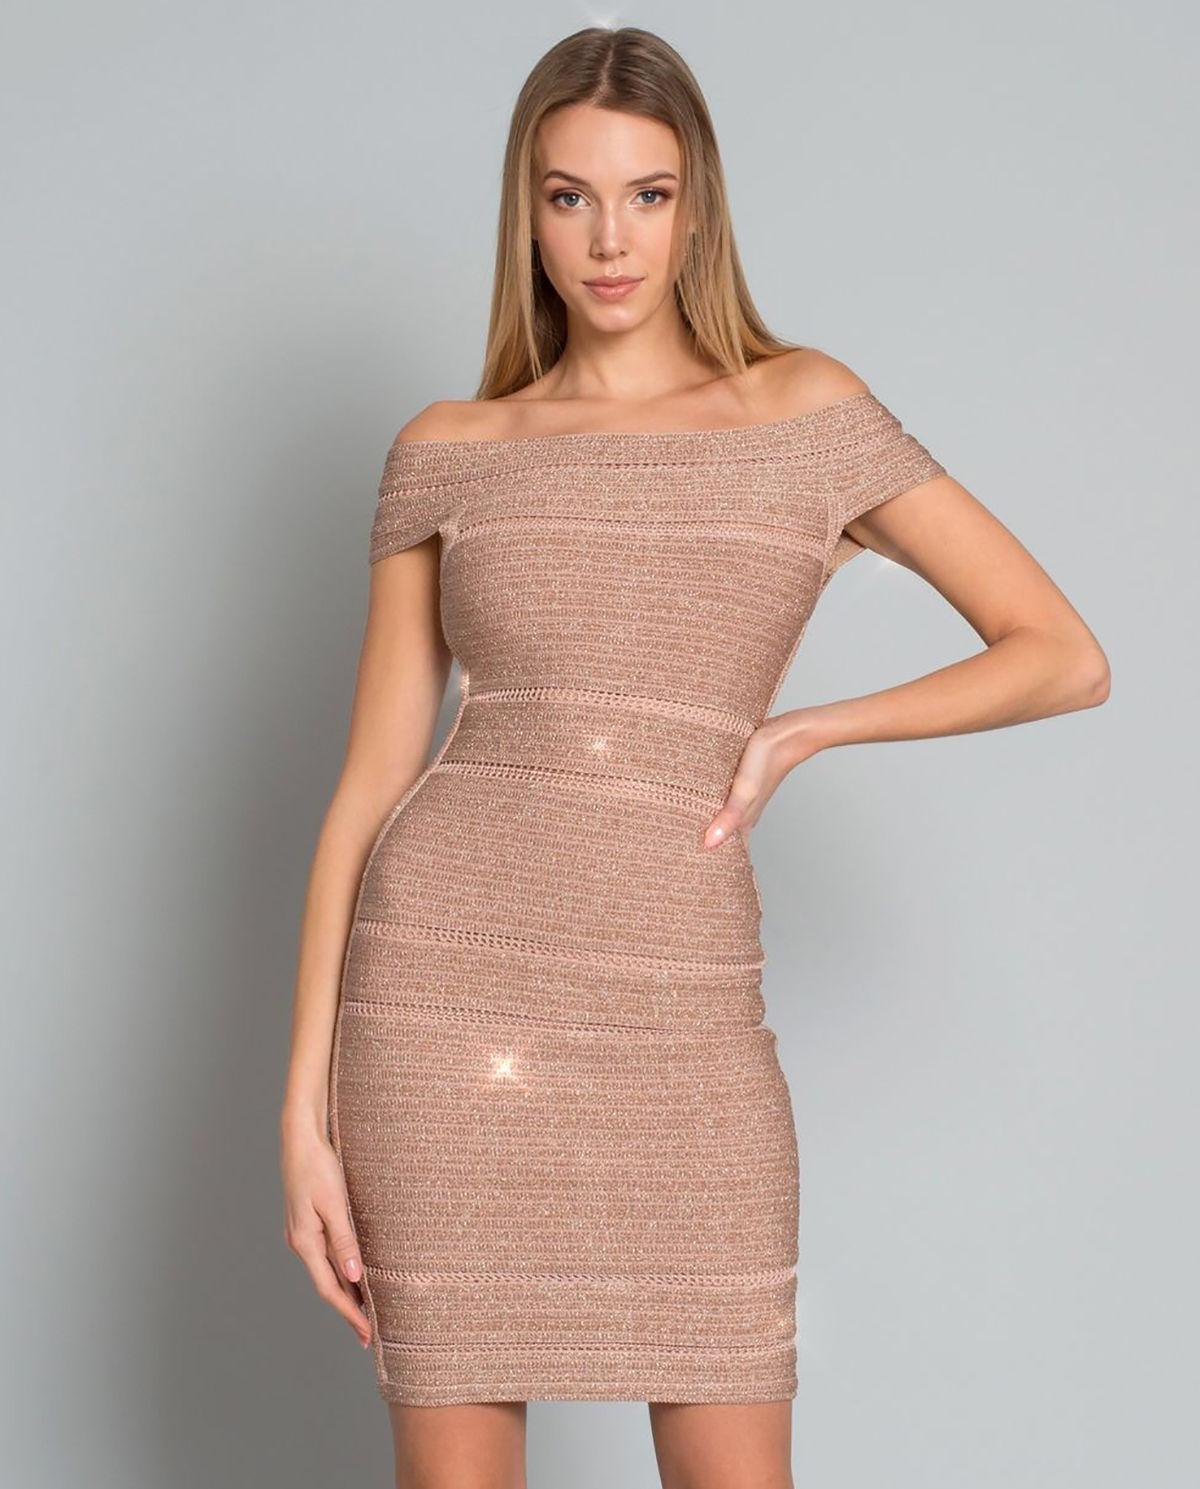 e64c4e8ba2 Sukienka bandażowa nude HERVE LEGER – Kup Teraz! Najlepsze ceny i ...